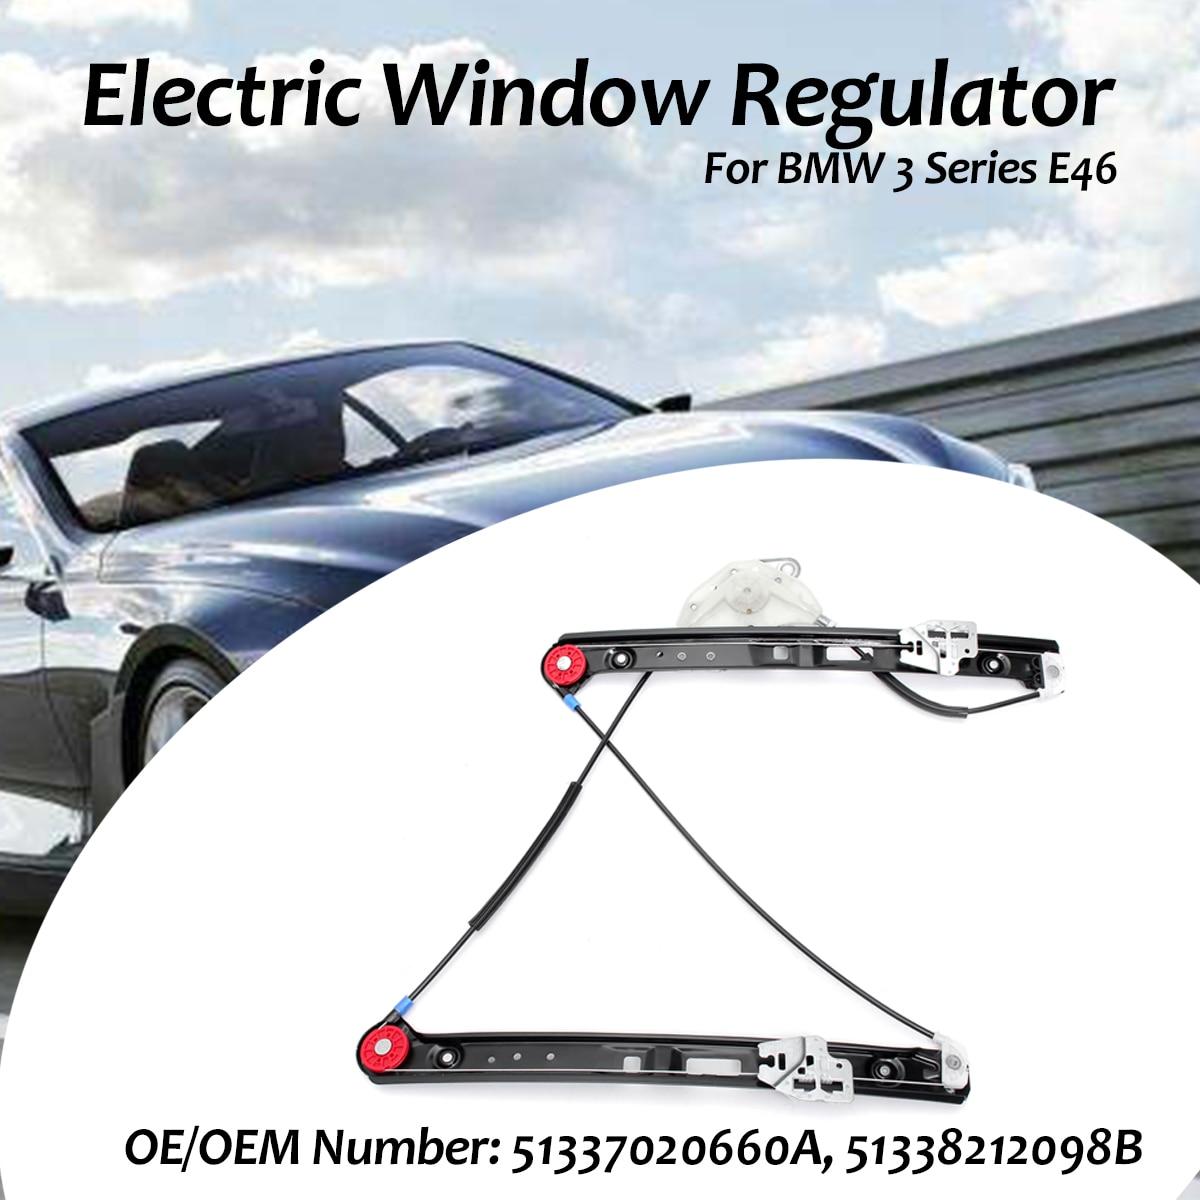 Noir voiture électrique lève-vitre électrique conducteur avant droit lève-vitre Kit de réparation pour BMW 3 Series E46 1995-2008